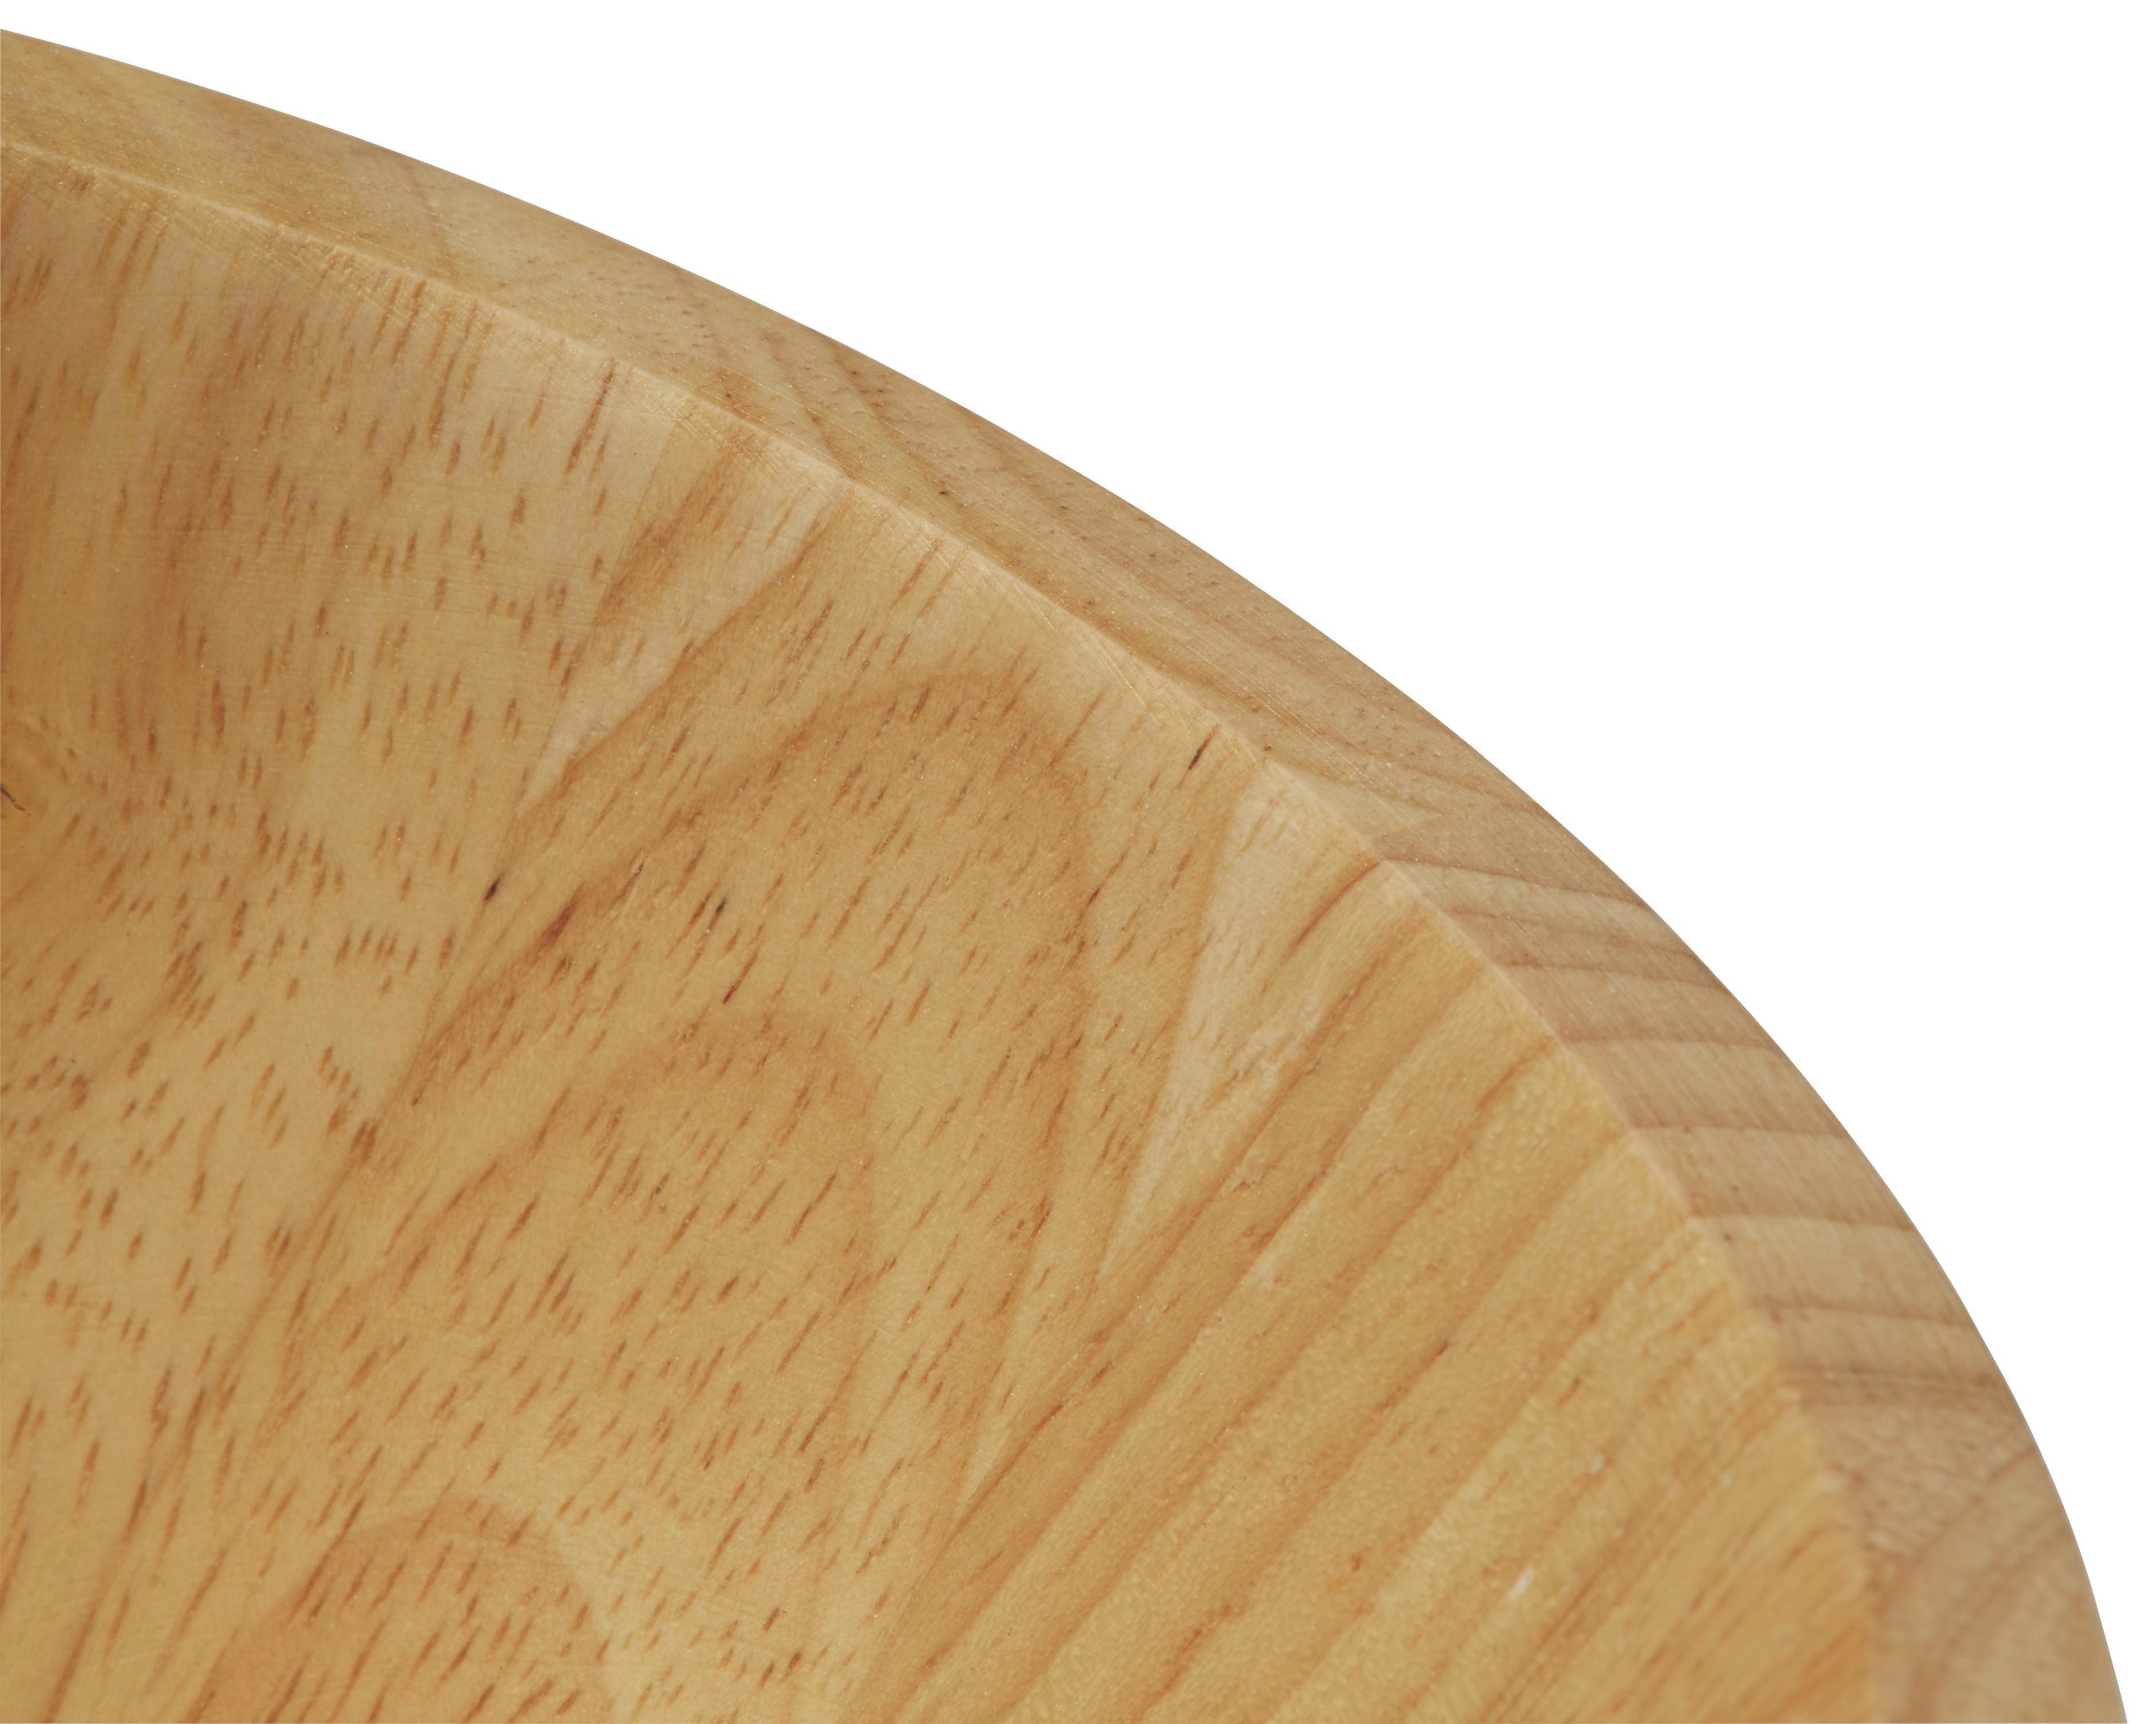 Tál Sirikit - natúr színek/fekete, Lifestyle, fa (15,5/7,5cm) - MÖMAX modern living